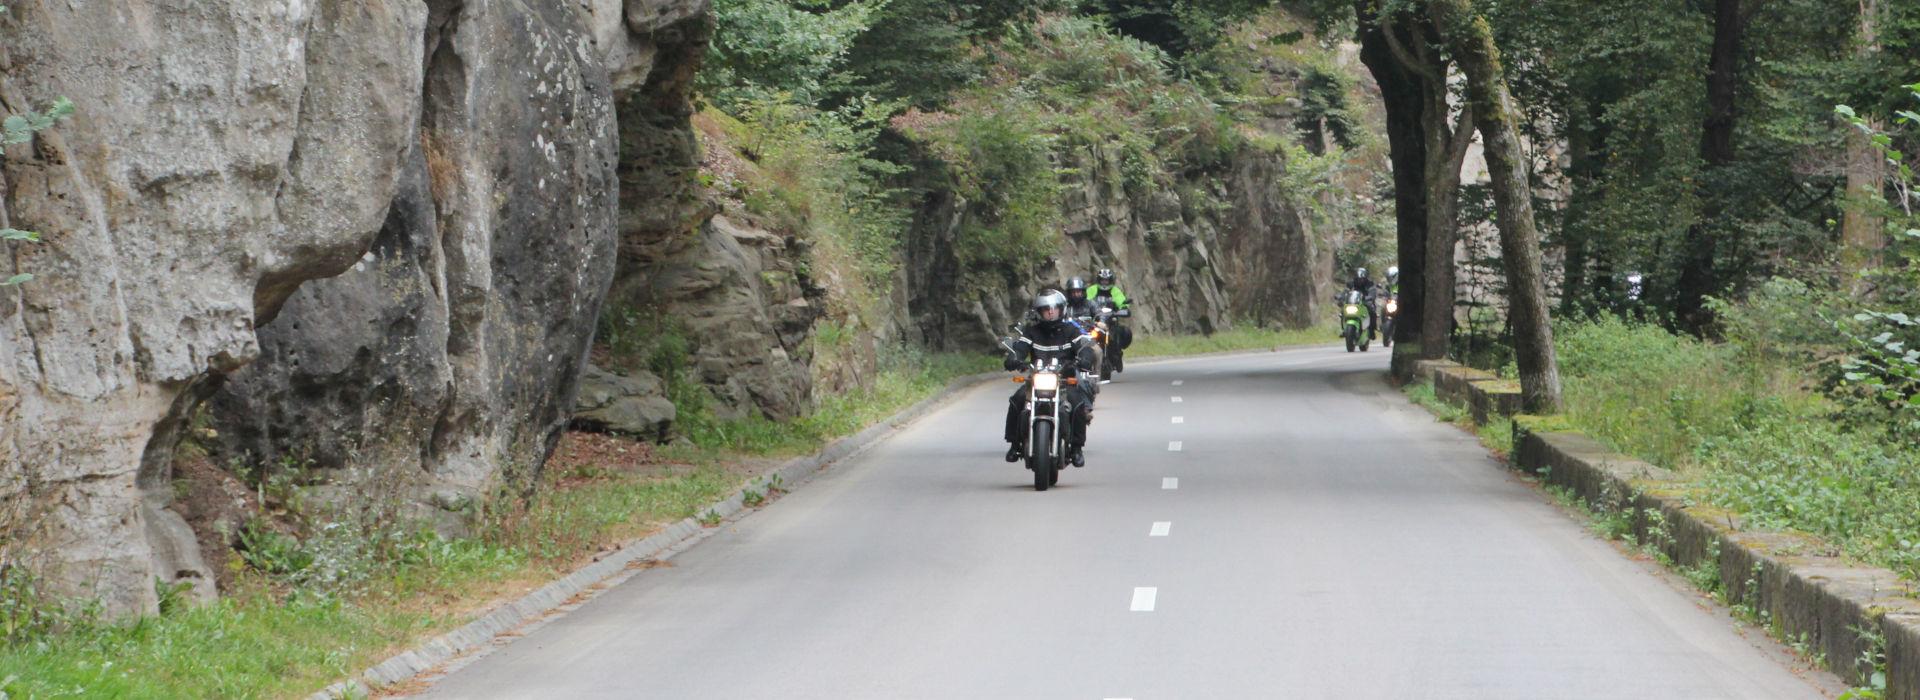 Motorrijbewijspoint Serooskerke spoedcursus motorrijbewijs